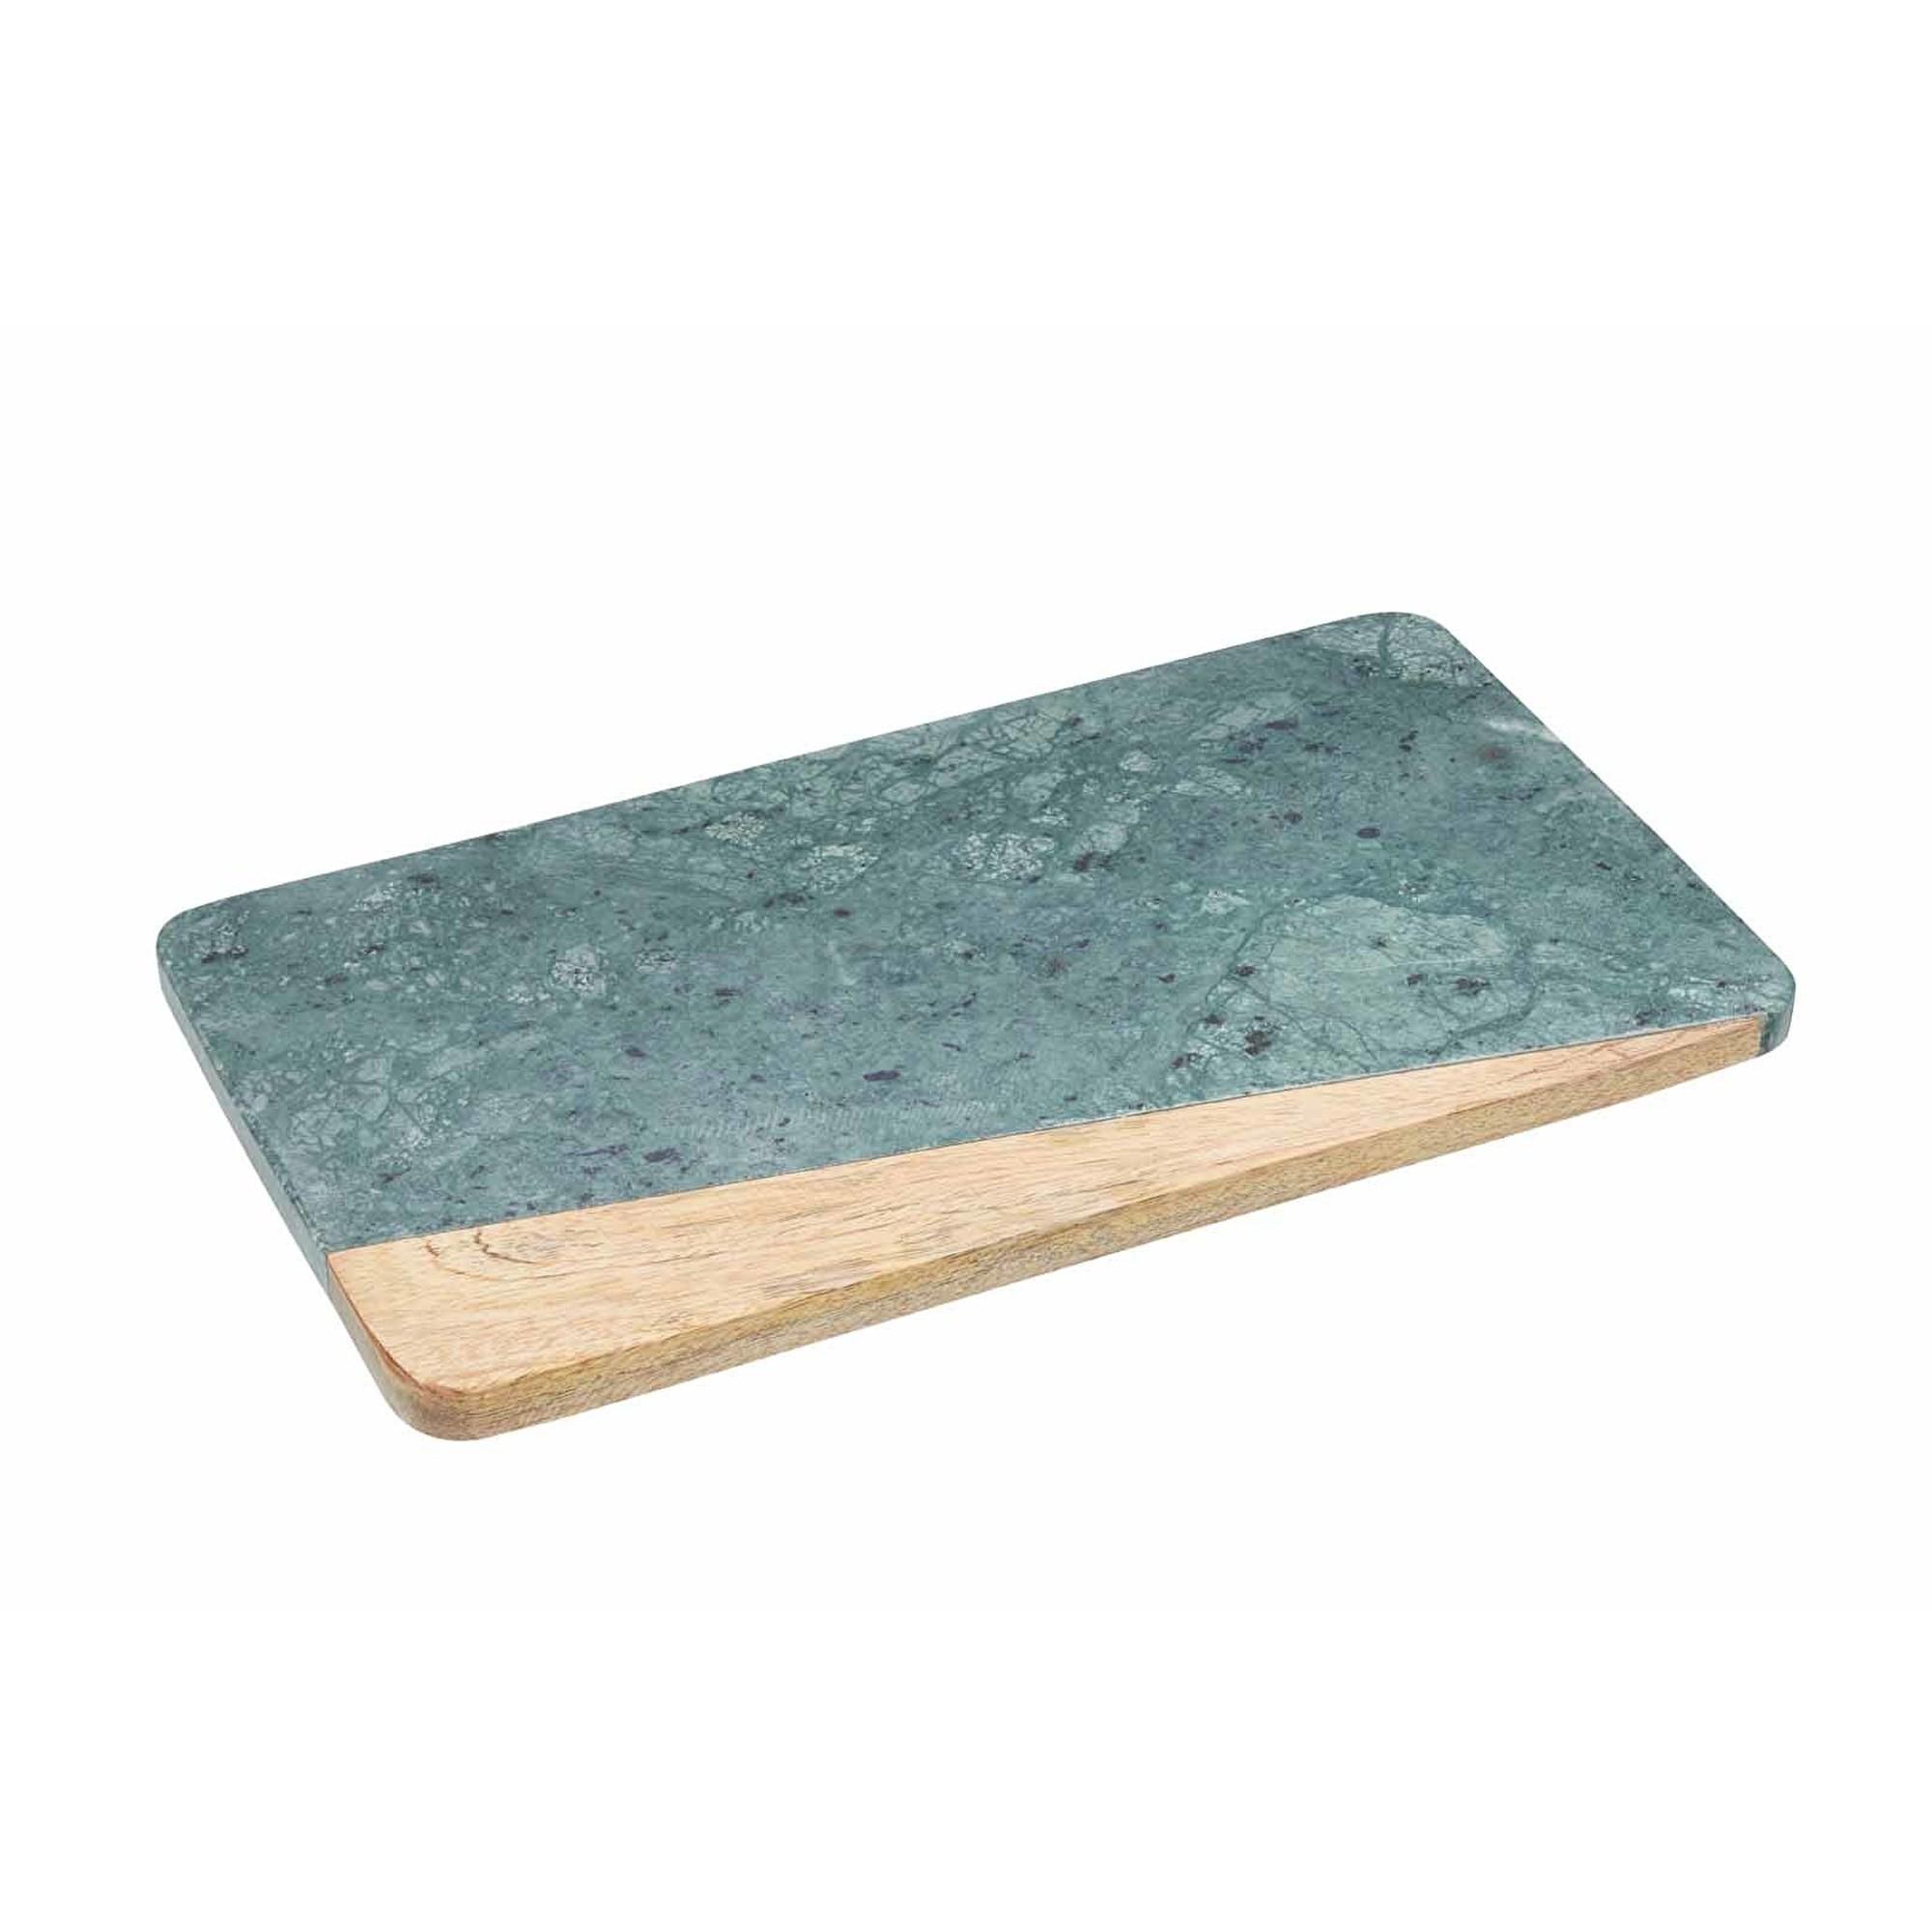 Πλατό Σερβιρίσματος Μάρμαρο & ξύλο Artesa Kitchencraft home   ειδη σερβιρισματος   πιατέλες